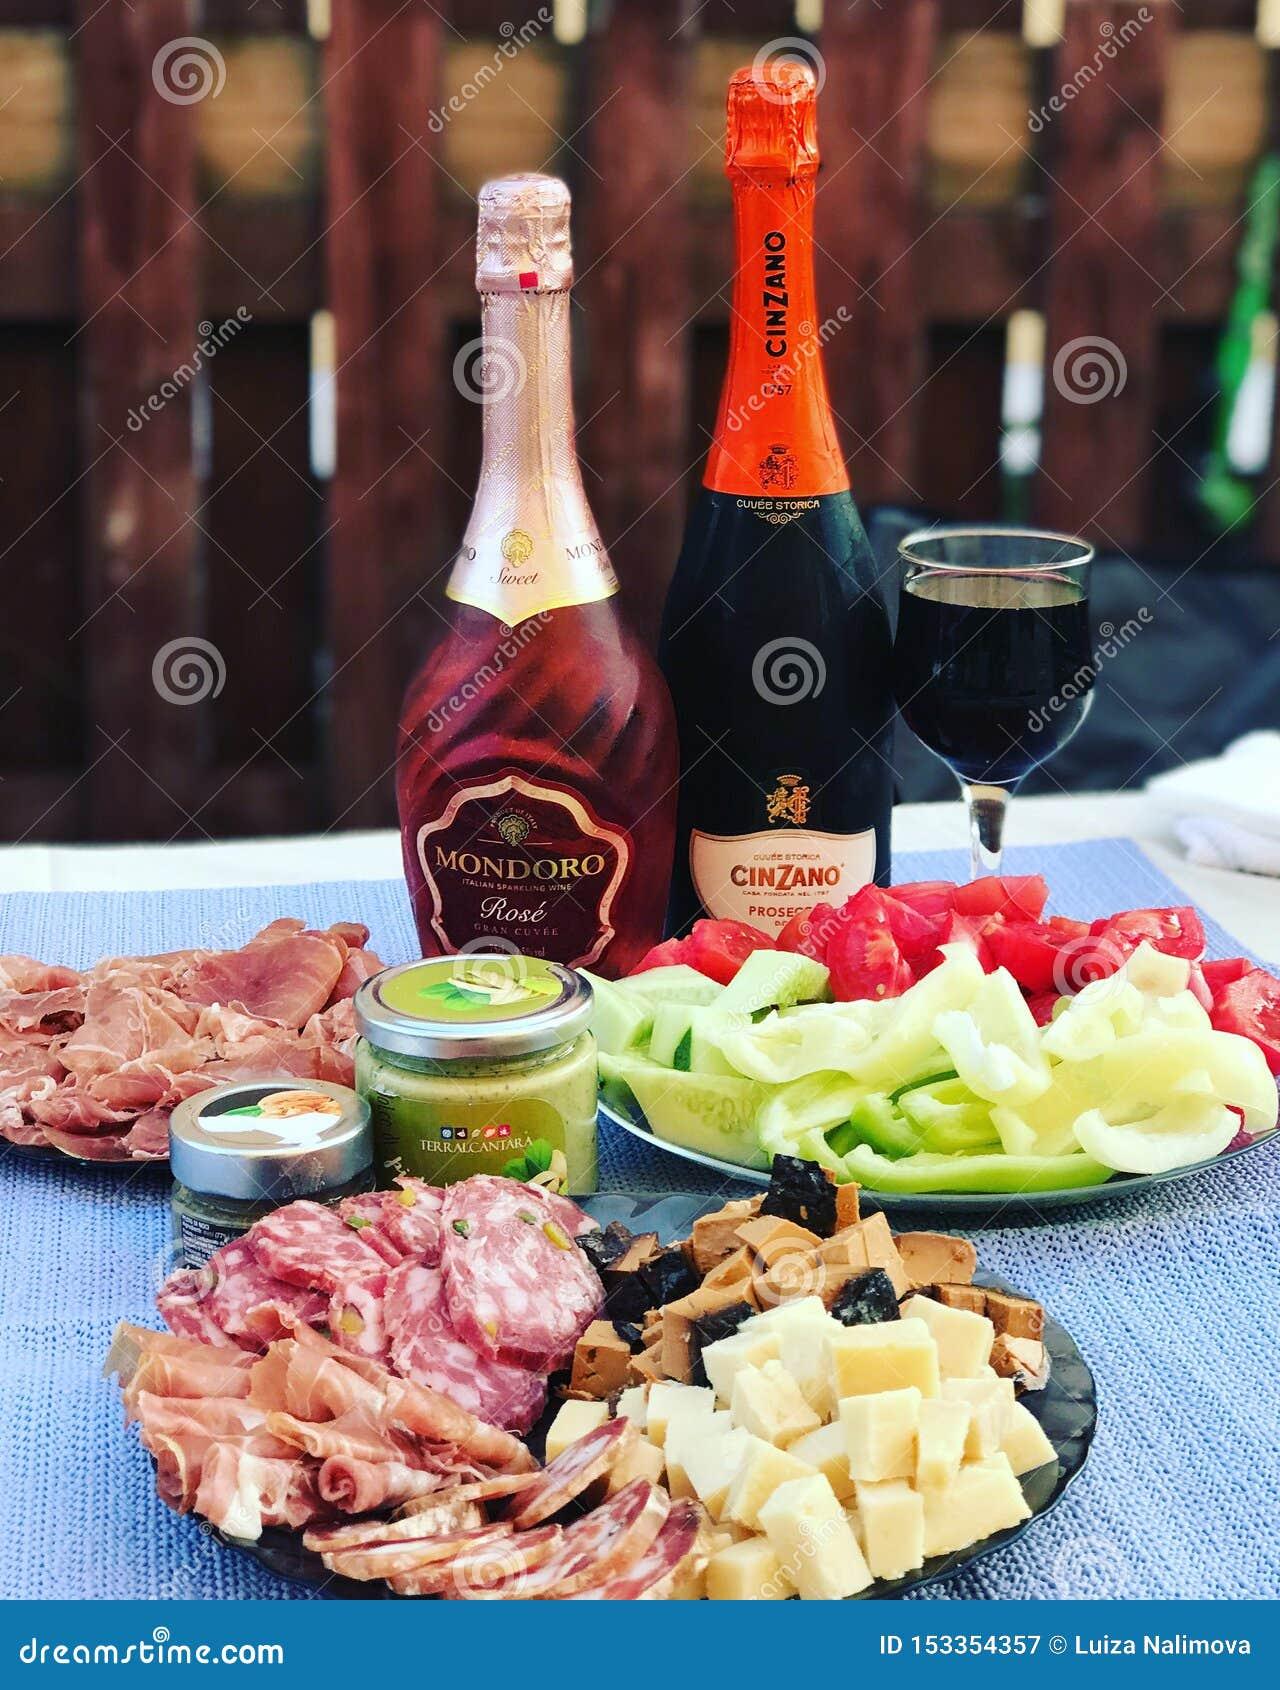 La Russia, Tatarstan, il 27 luglio 2018 Una bottiglia del proseco di Cinzano, una bottiglia della rosa di Mondoro, fa un spuntino